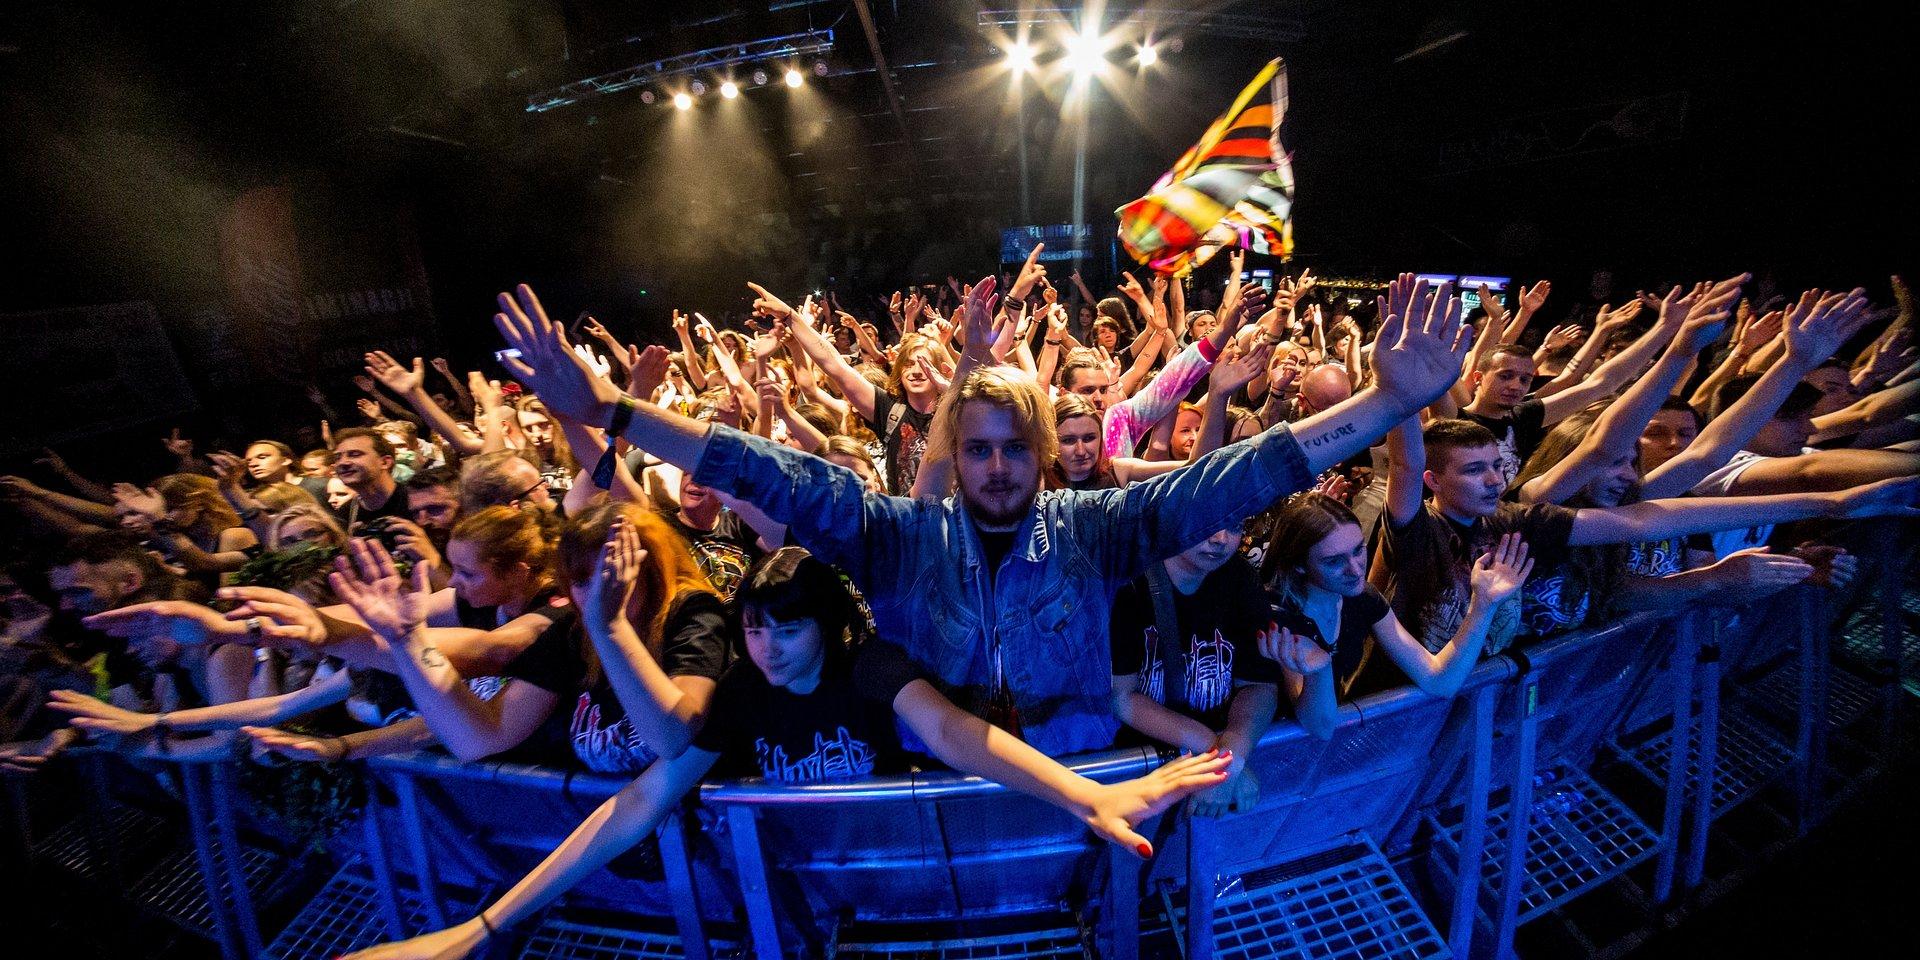 Znamy daty koncertów w ramach Eliminacji do Pol'and'Rock Festival